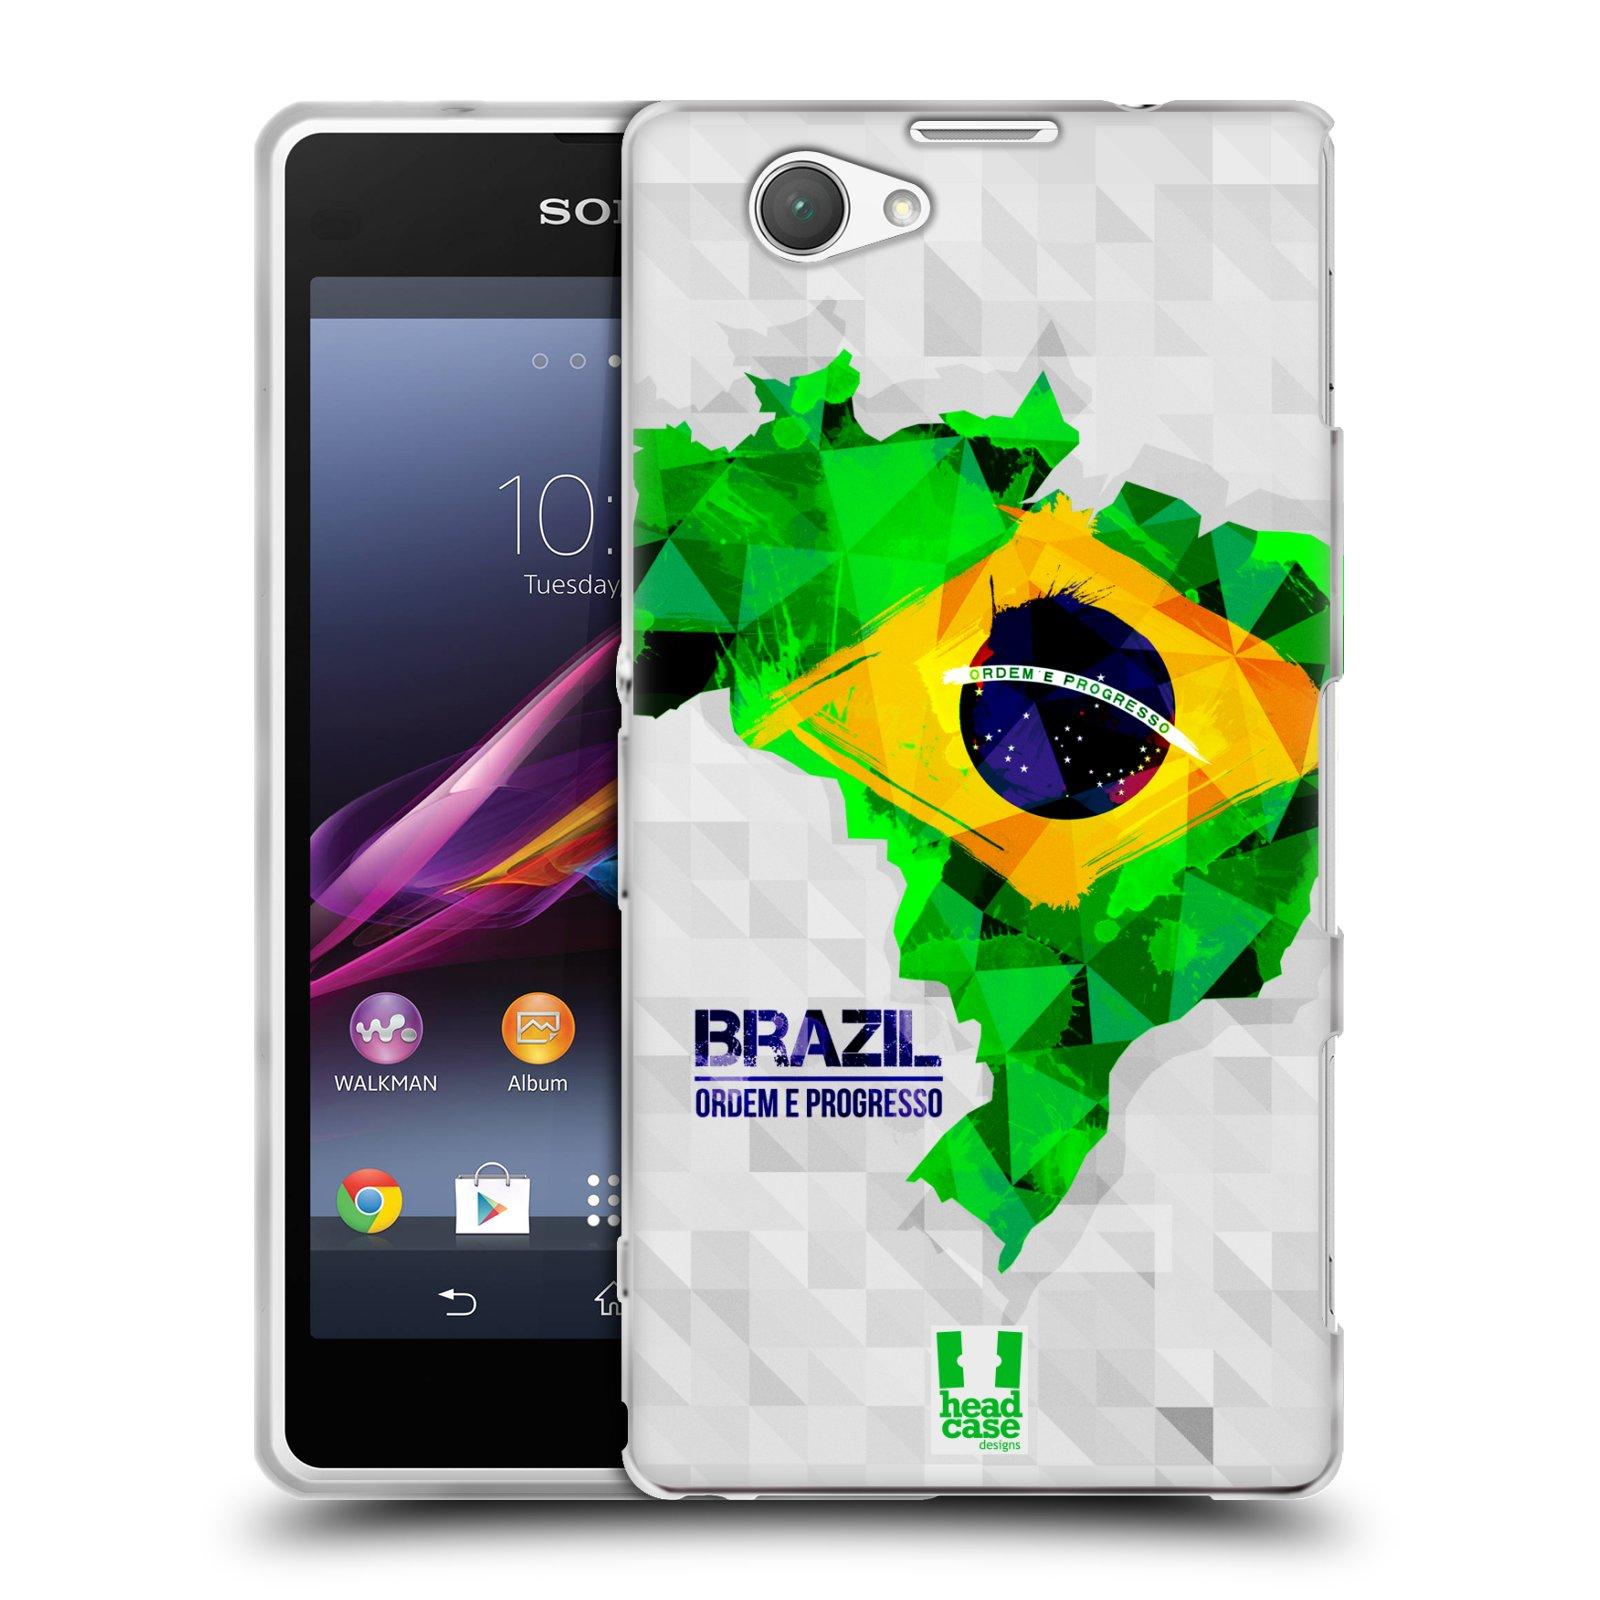 Silikonové pouzdro na mobil Sony Xperia Z1 Compact D5503 HEAD CASE GEOMAPA BRAZÍLIE (Silikonový kryt či obal na mobilní telefon Sony Xperia Z1 Compact)